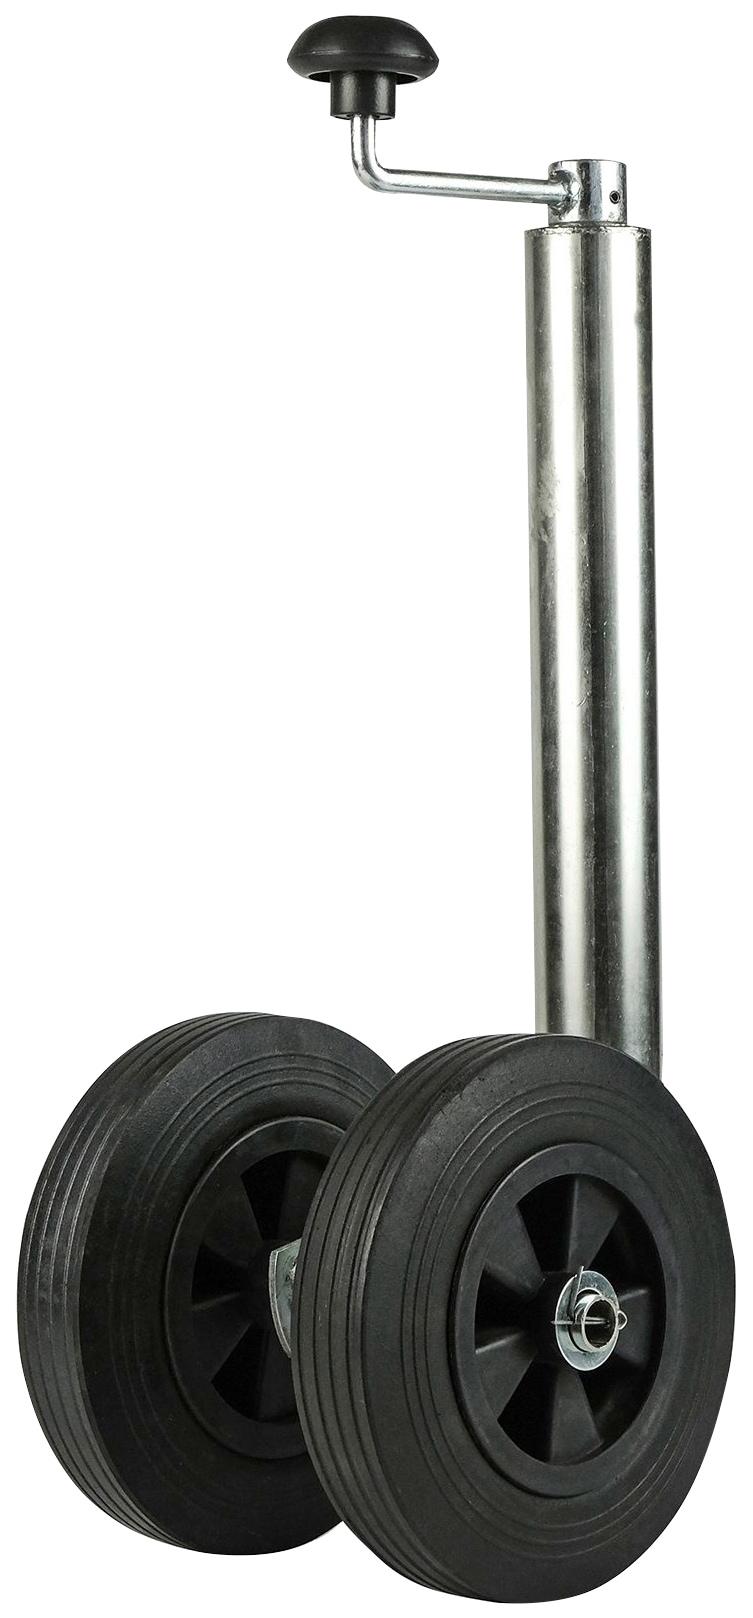 CALIMA Anhänger-Stützrad, mit 2 Vollgummiräder und Kunststoff-Felgen, maximale Stützlast 150 kg schwarz Autoanhänger Autozubehör Reifen Anhänger-Stützrad